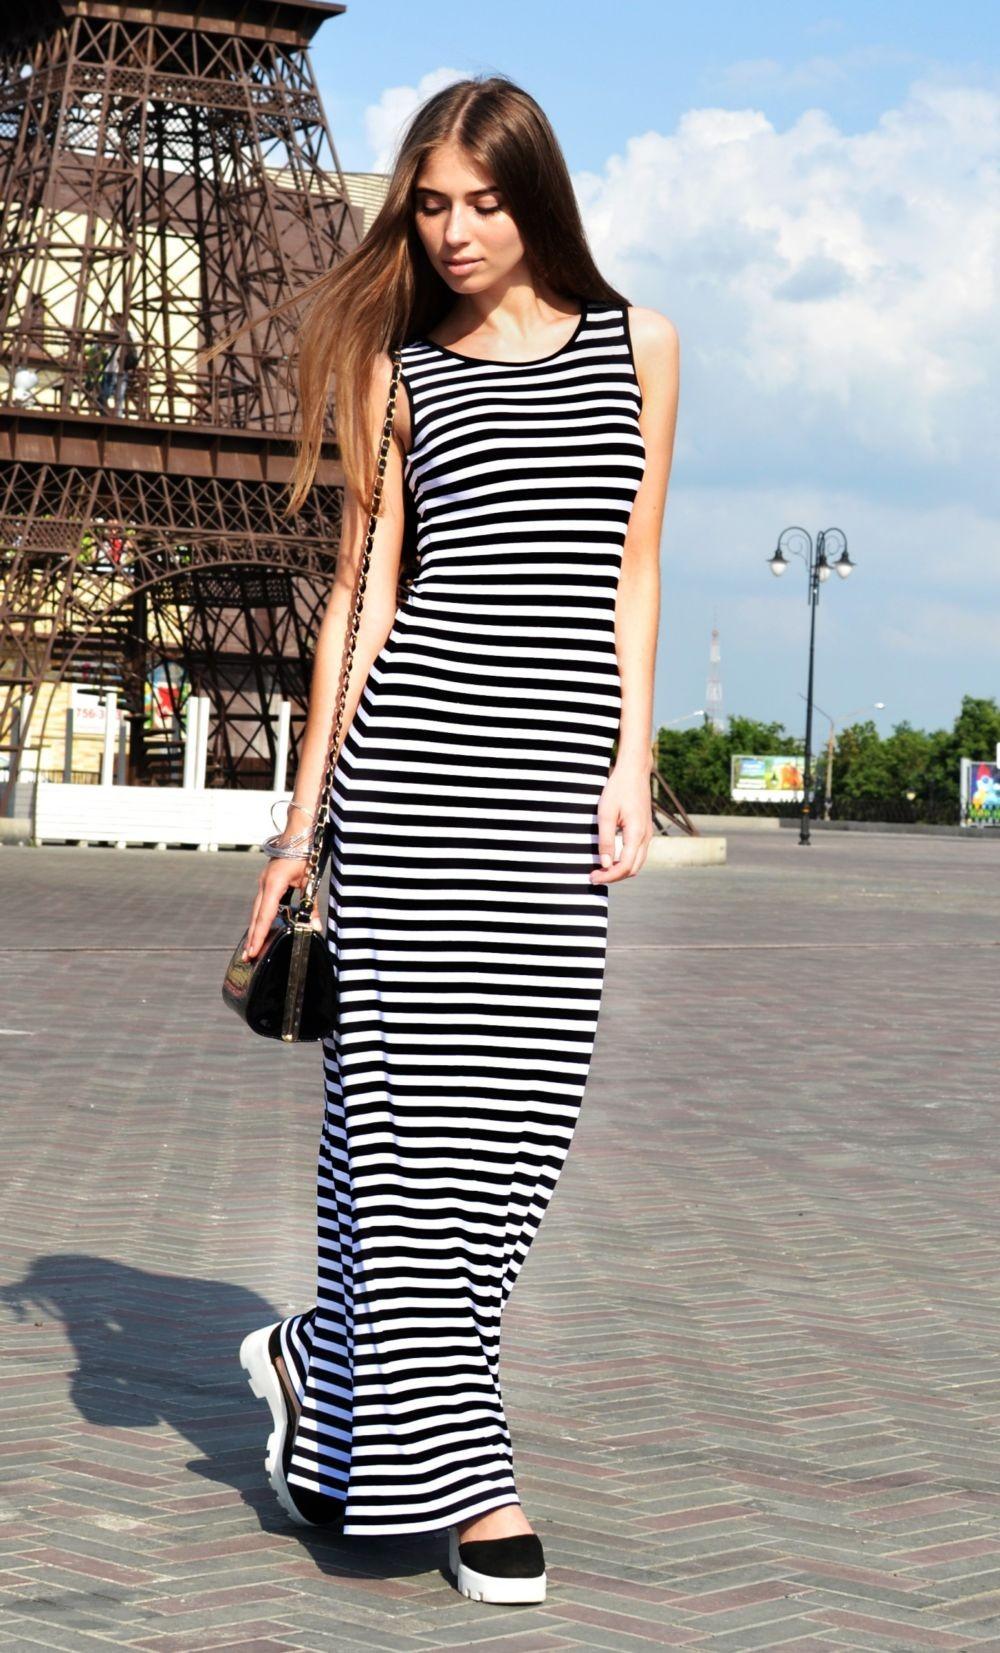 Слипоны женские фото с чем носить: под платье полосатое